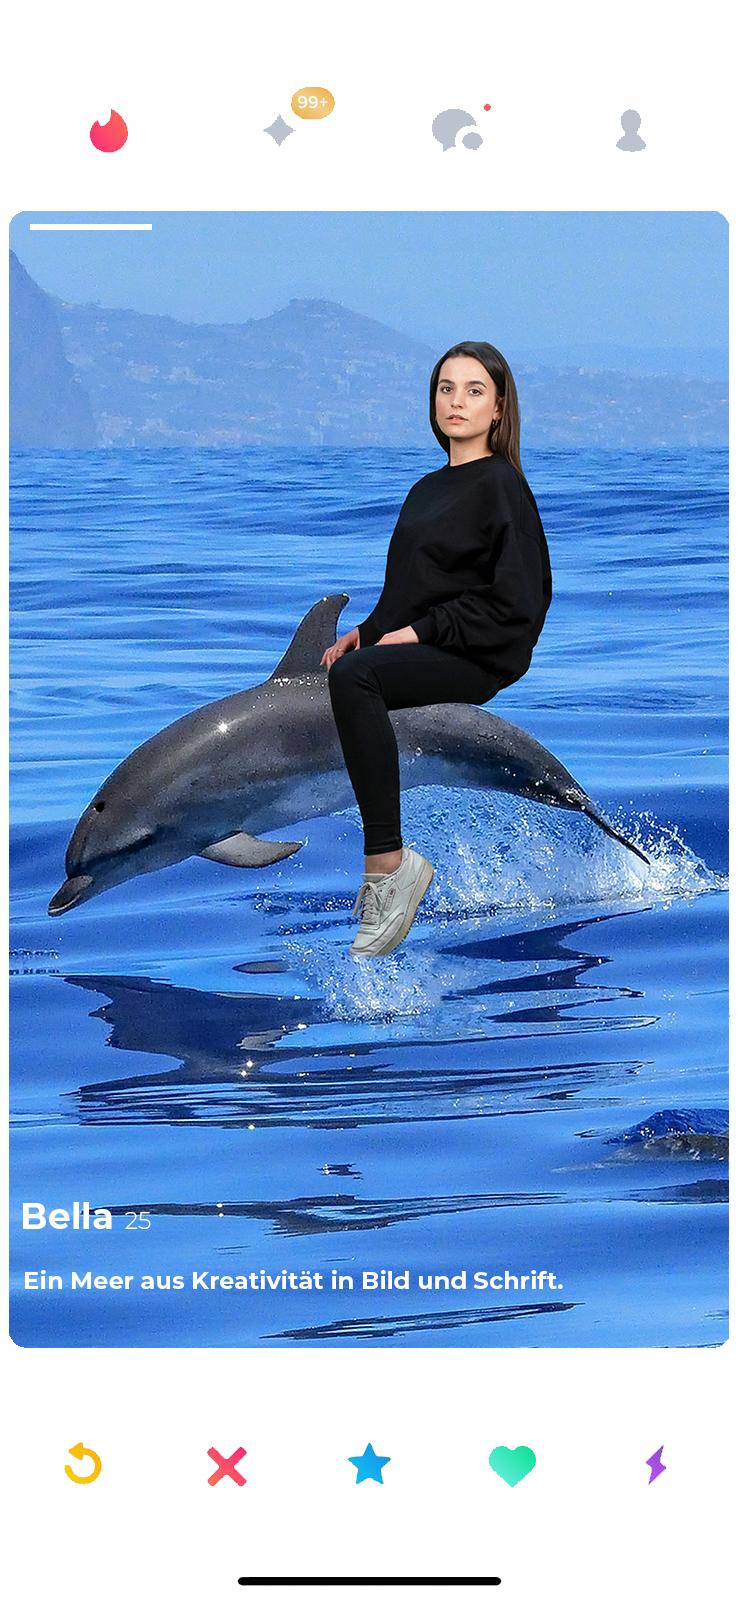 bella tinder delfin